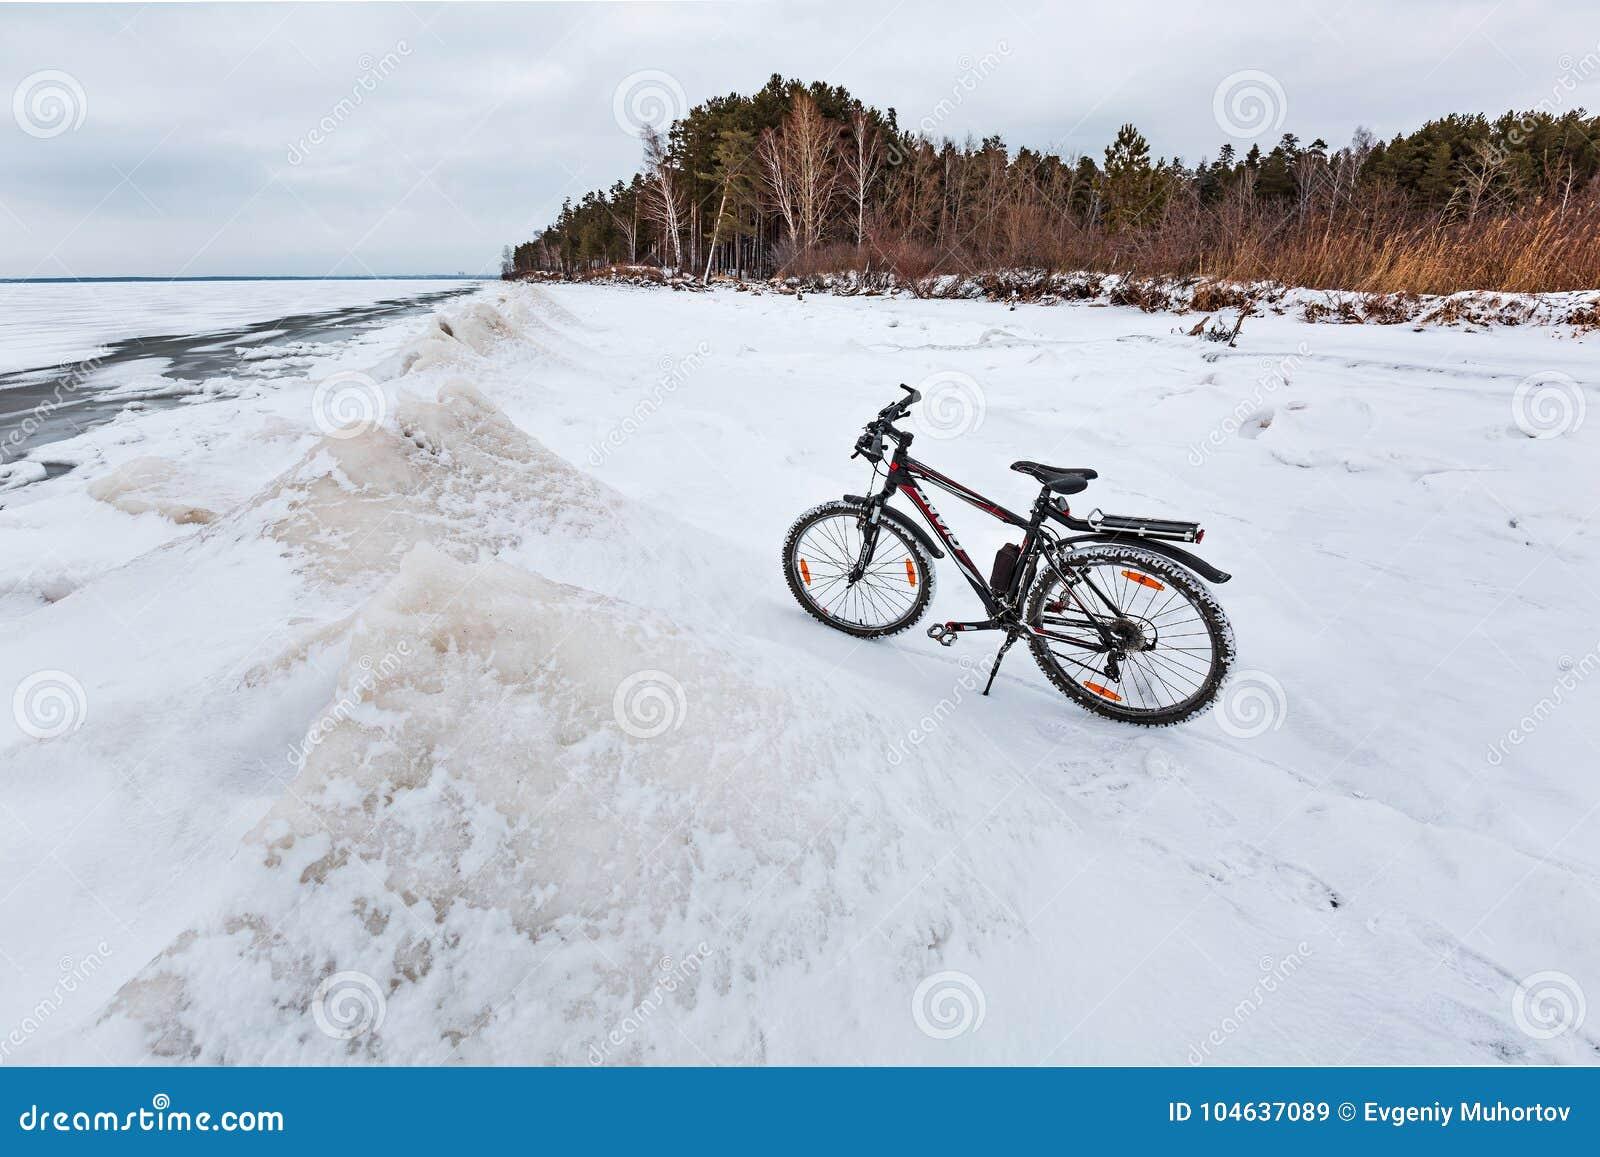 Download De Winterlandschap Met Een Fiets Op De Bevroren Rivier Ob Rive Redactionele Stock Afbeelding - Afbeelding bestaande uit vervoer, reus: 104637089